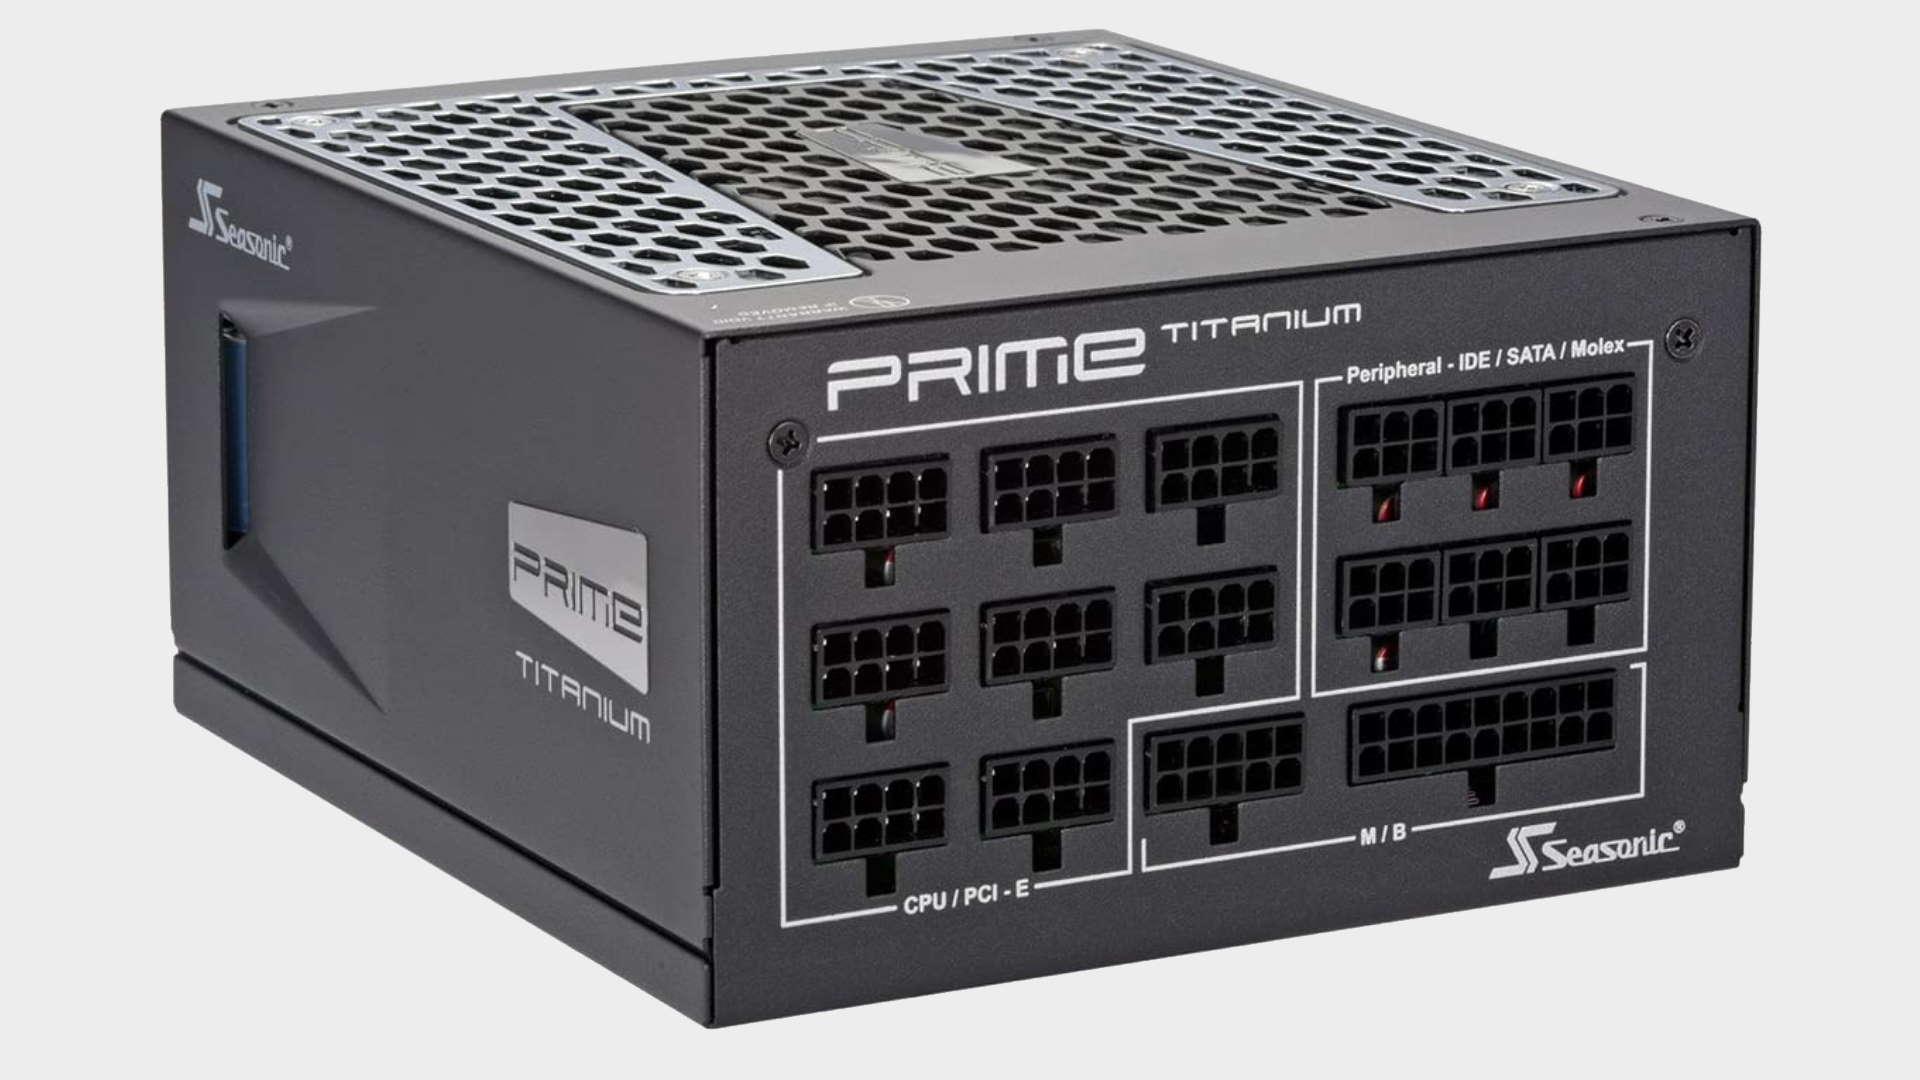 Seasonic Prime Titanium TX-1000 power supply